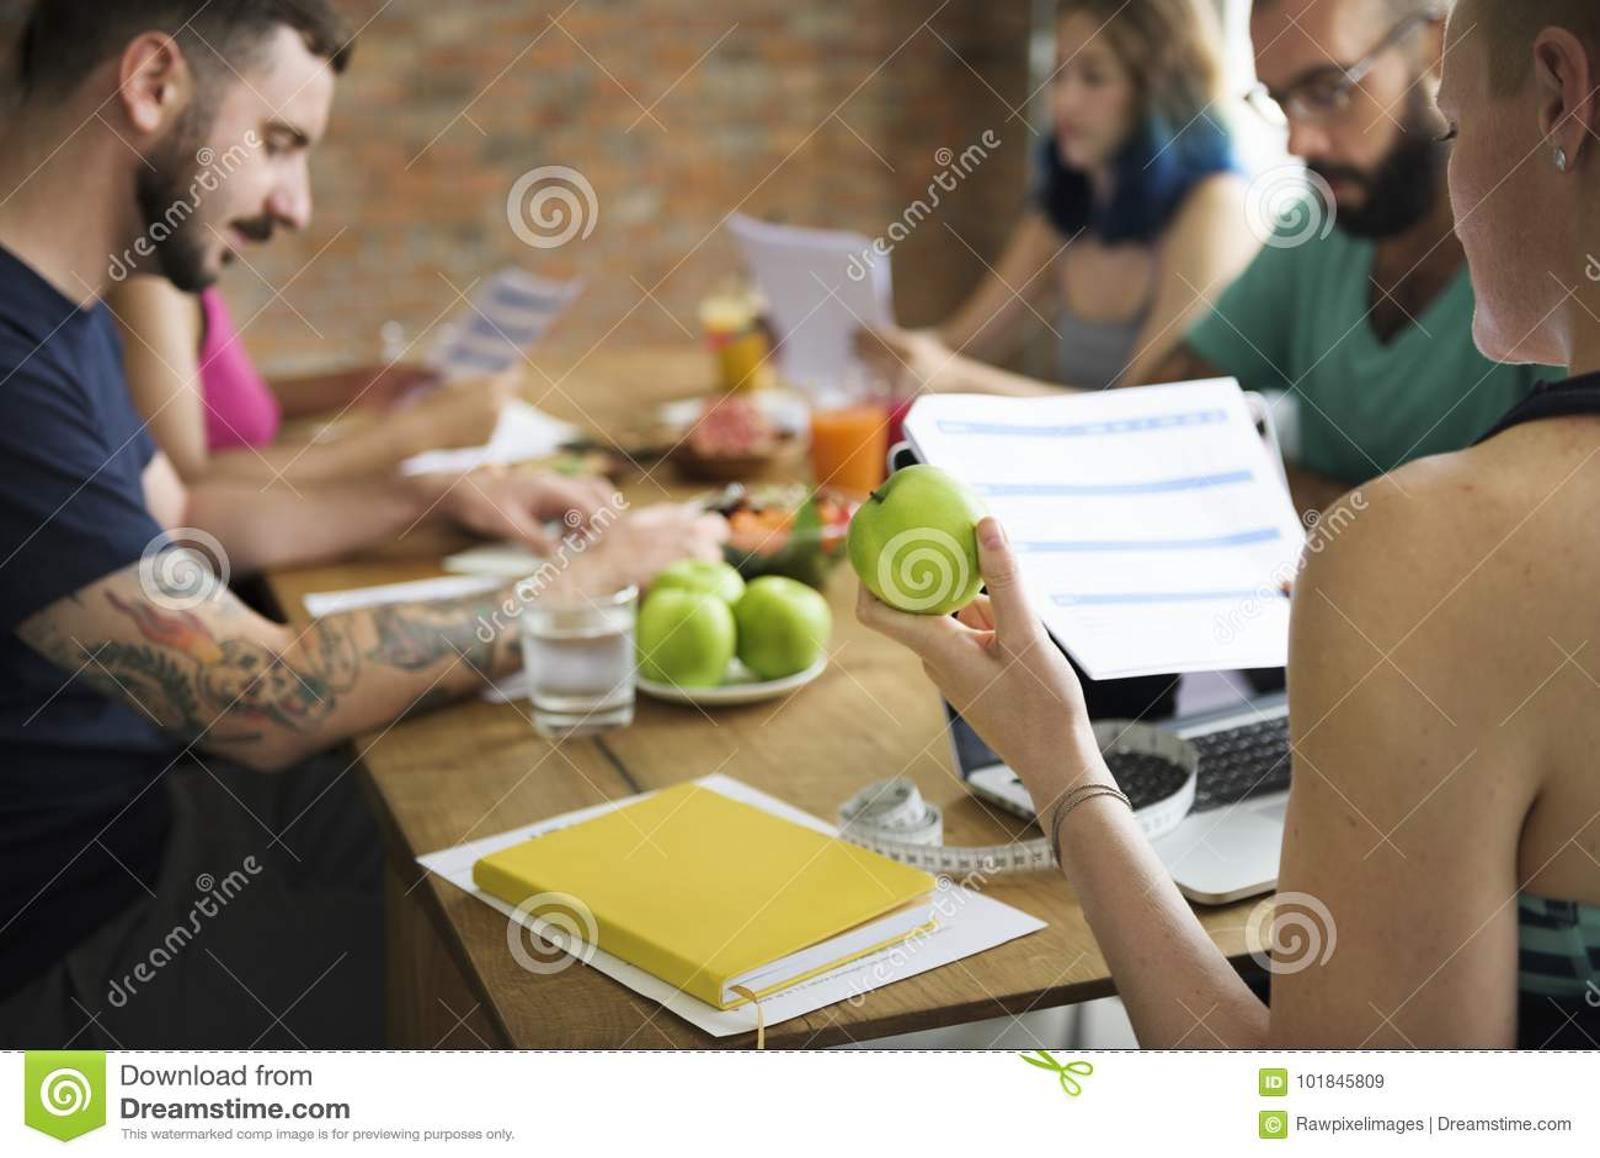 Eine Gruppe verschiedene gesunde Leute, die Gesundheit studieren, bilden sich zusammen